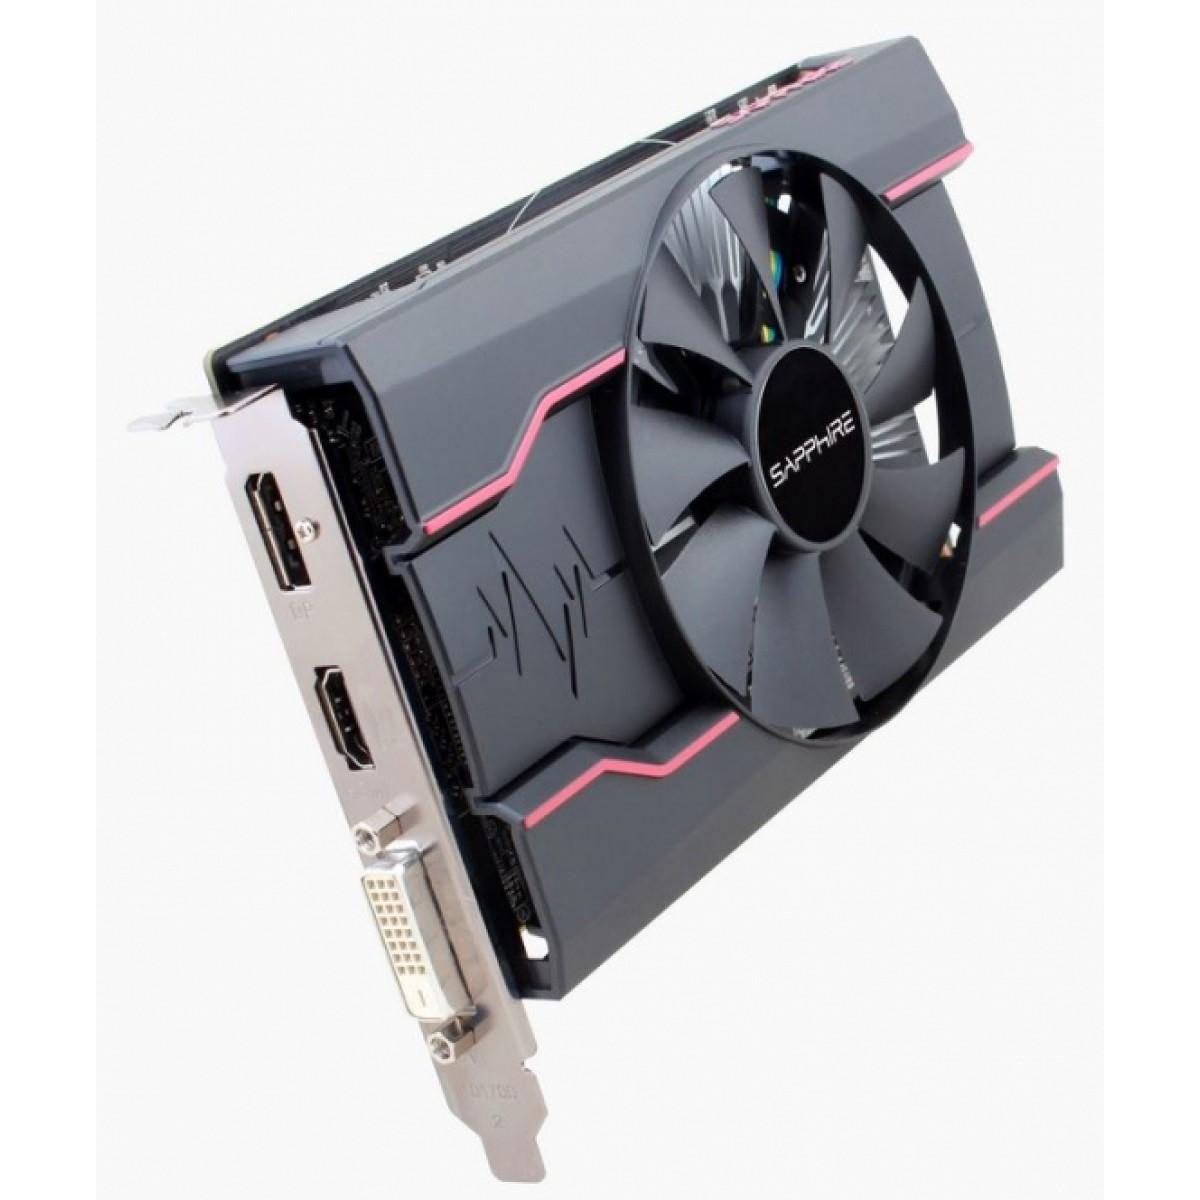 Placa de Vídeo Sapphire Radeon RX 550 Pulse, 4GB GDDR5, 128Bit